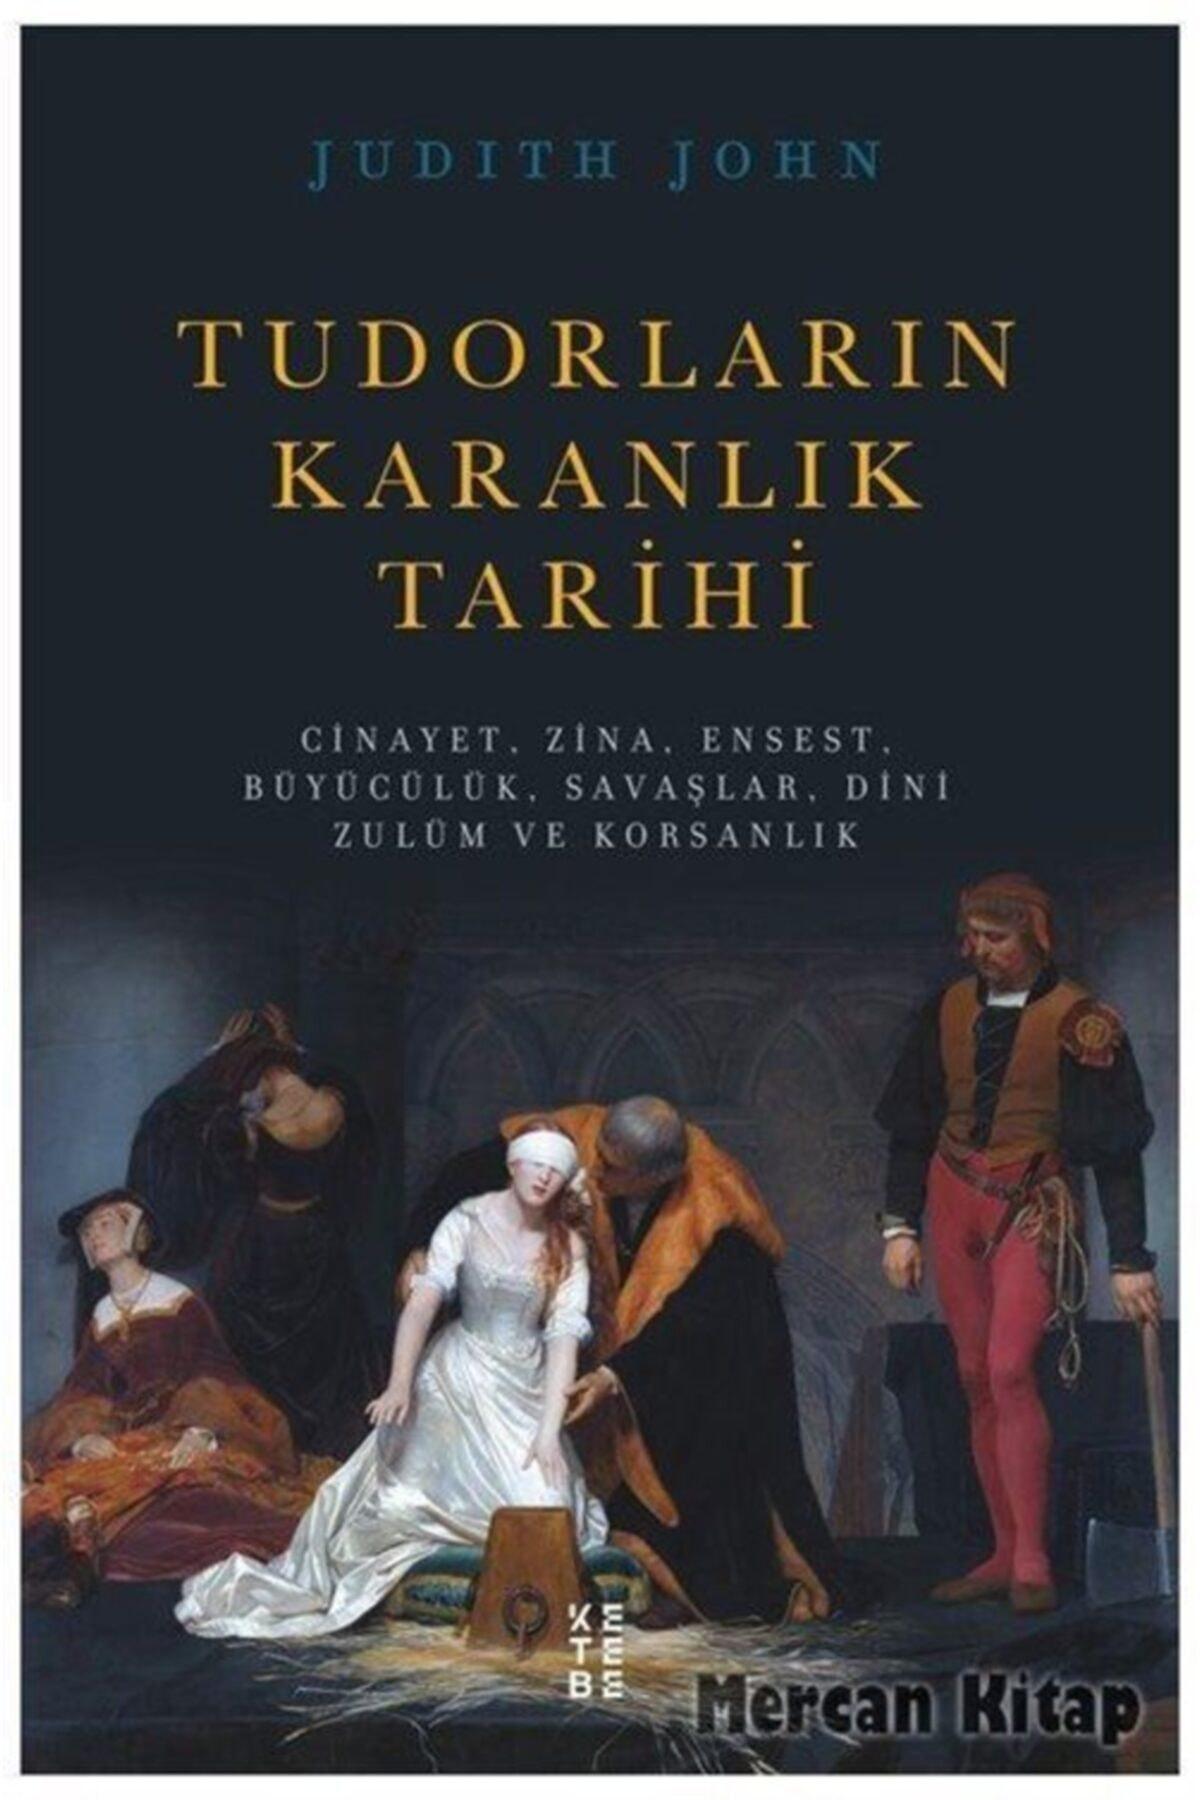 İthaki Yayınları Tudorların Karanlık Tarihi 1